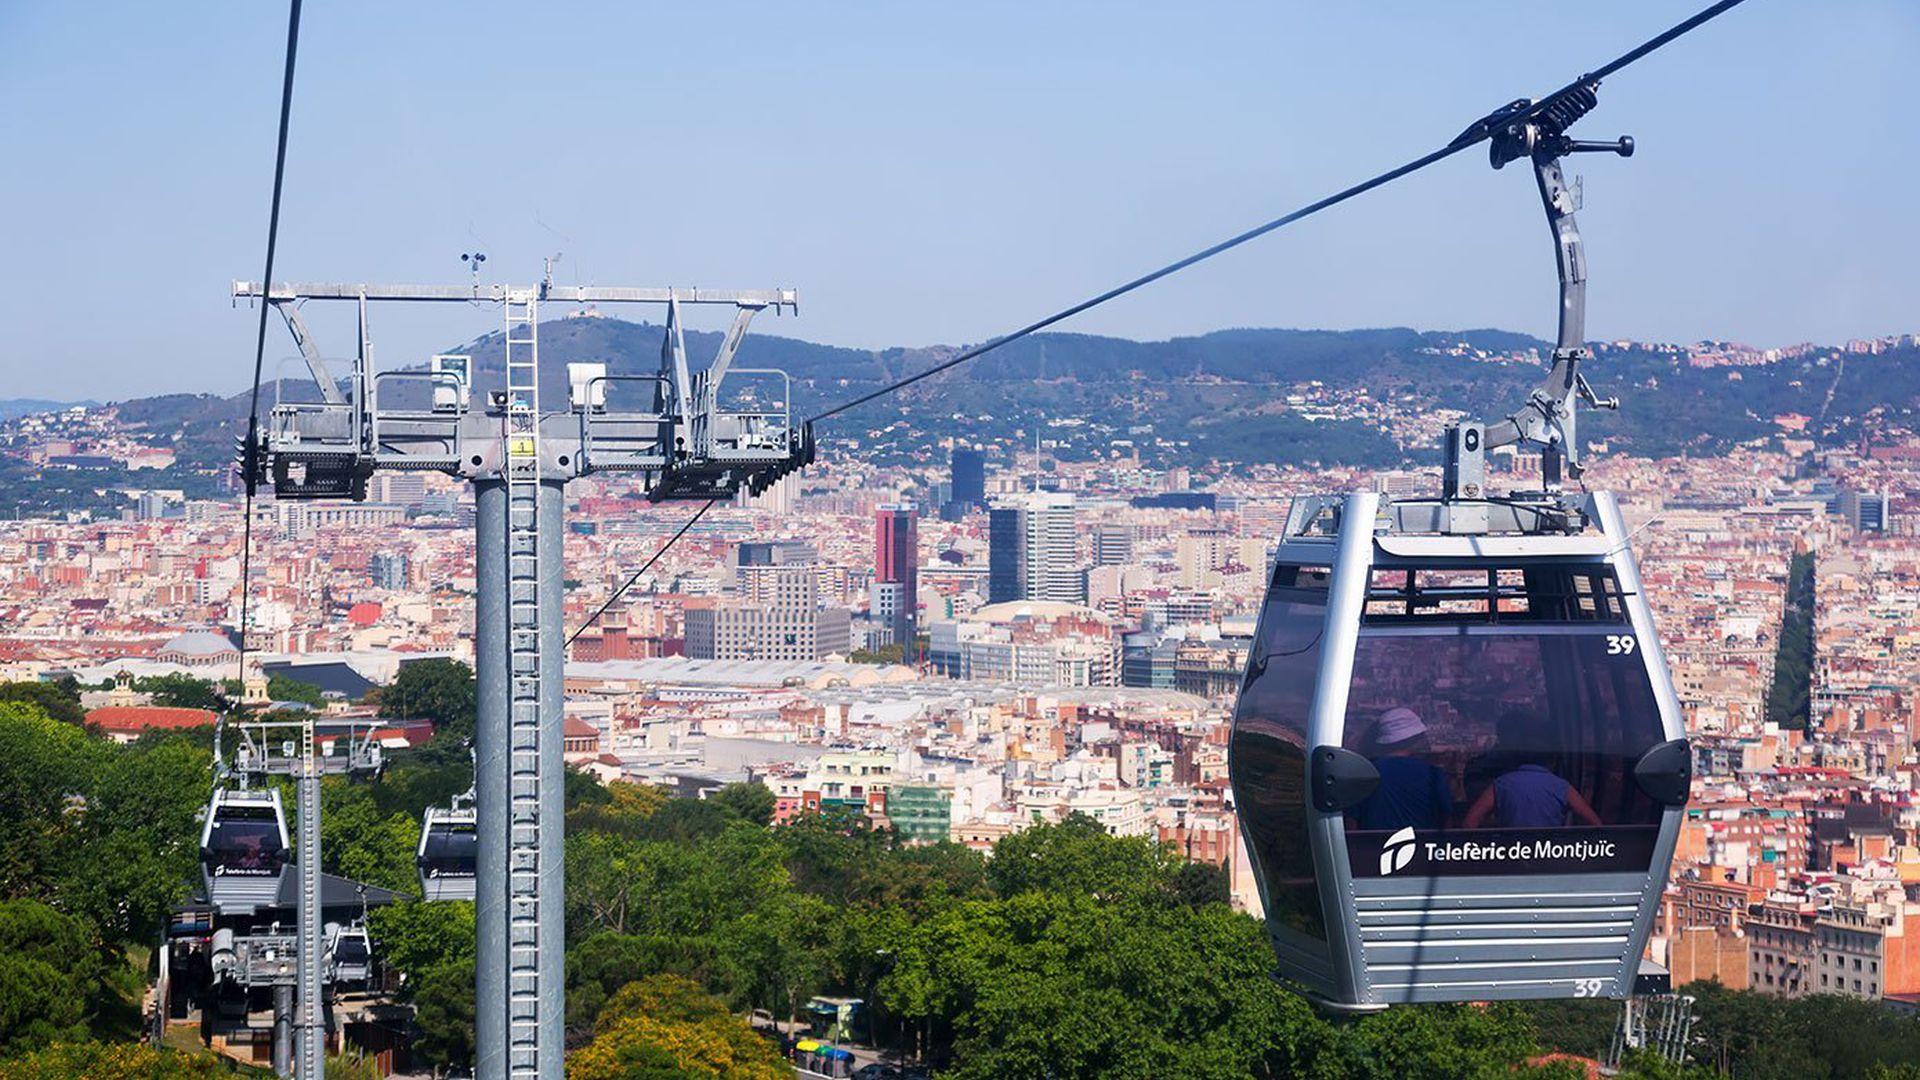 Montjuic: Cable Car Ride & Audio Tour